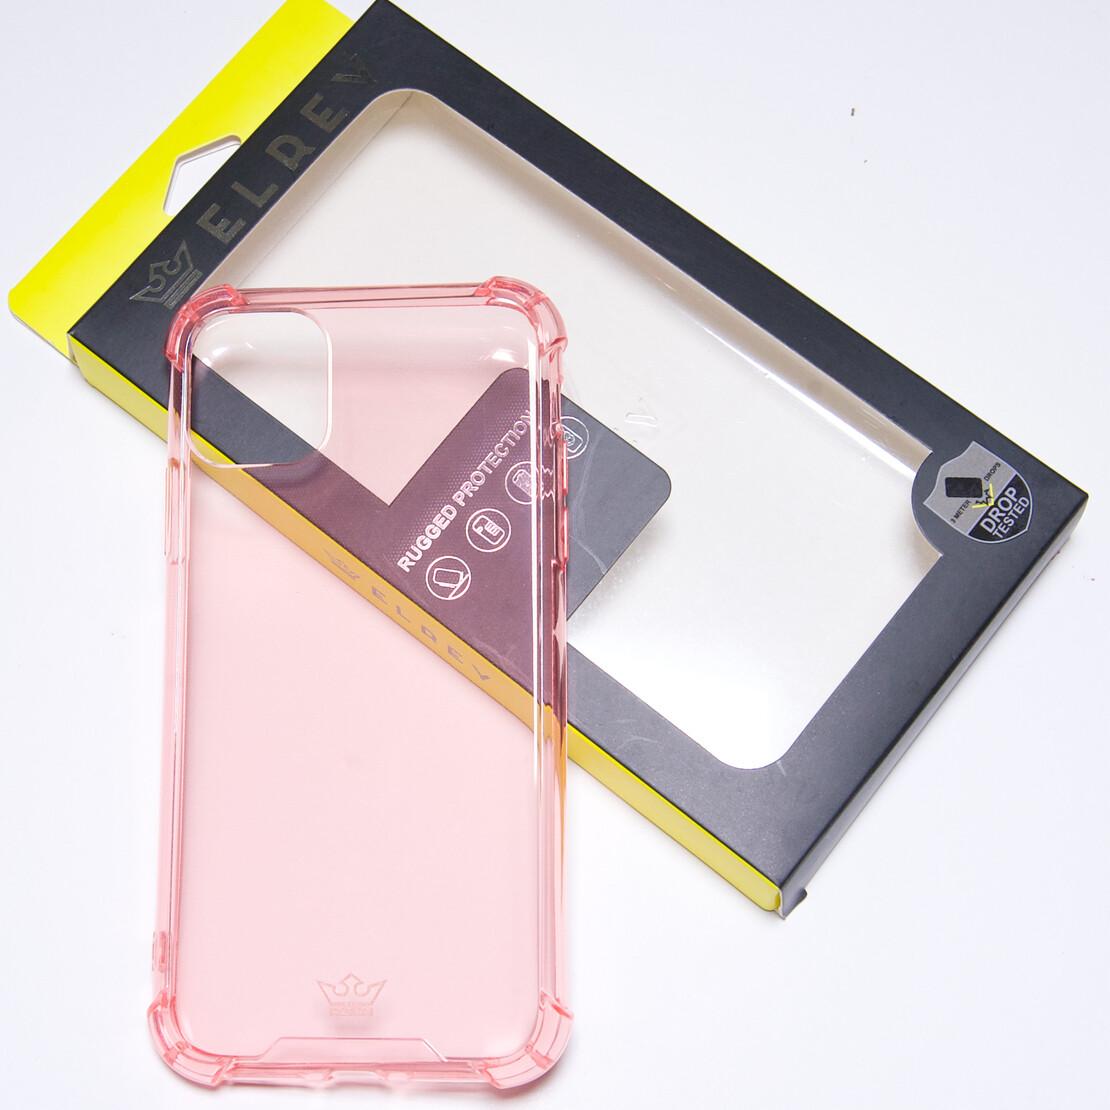 Estuche EL REY Hard Case Flexible Reforzado Rosado  Iphone 11 Pro